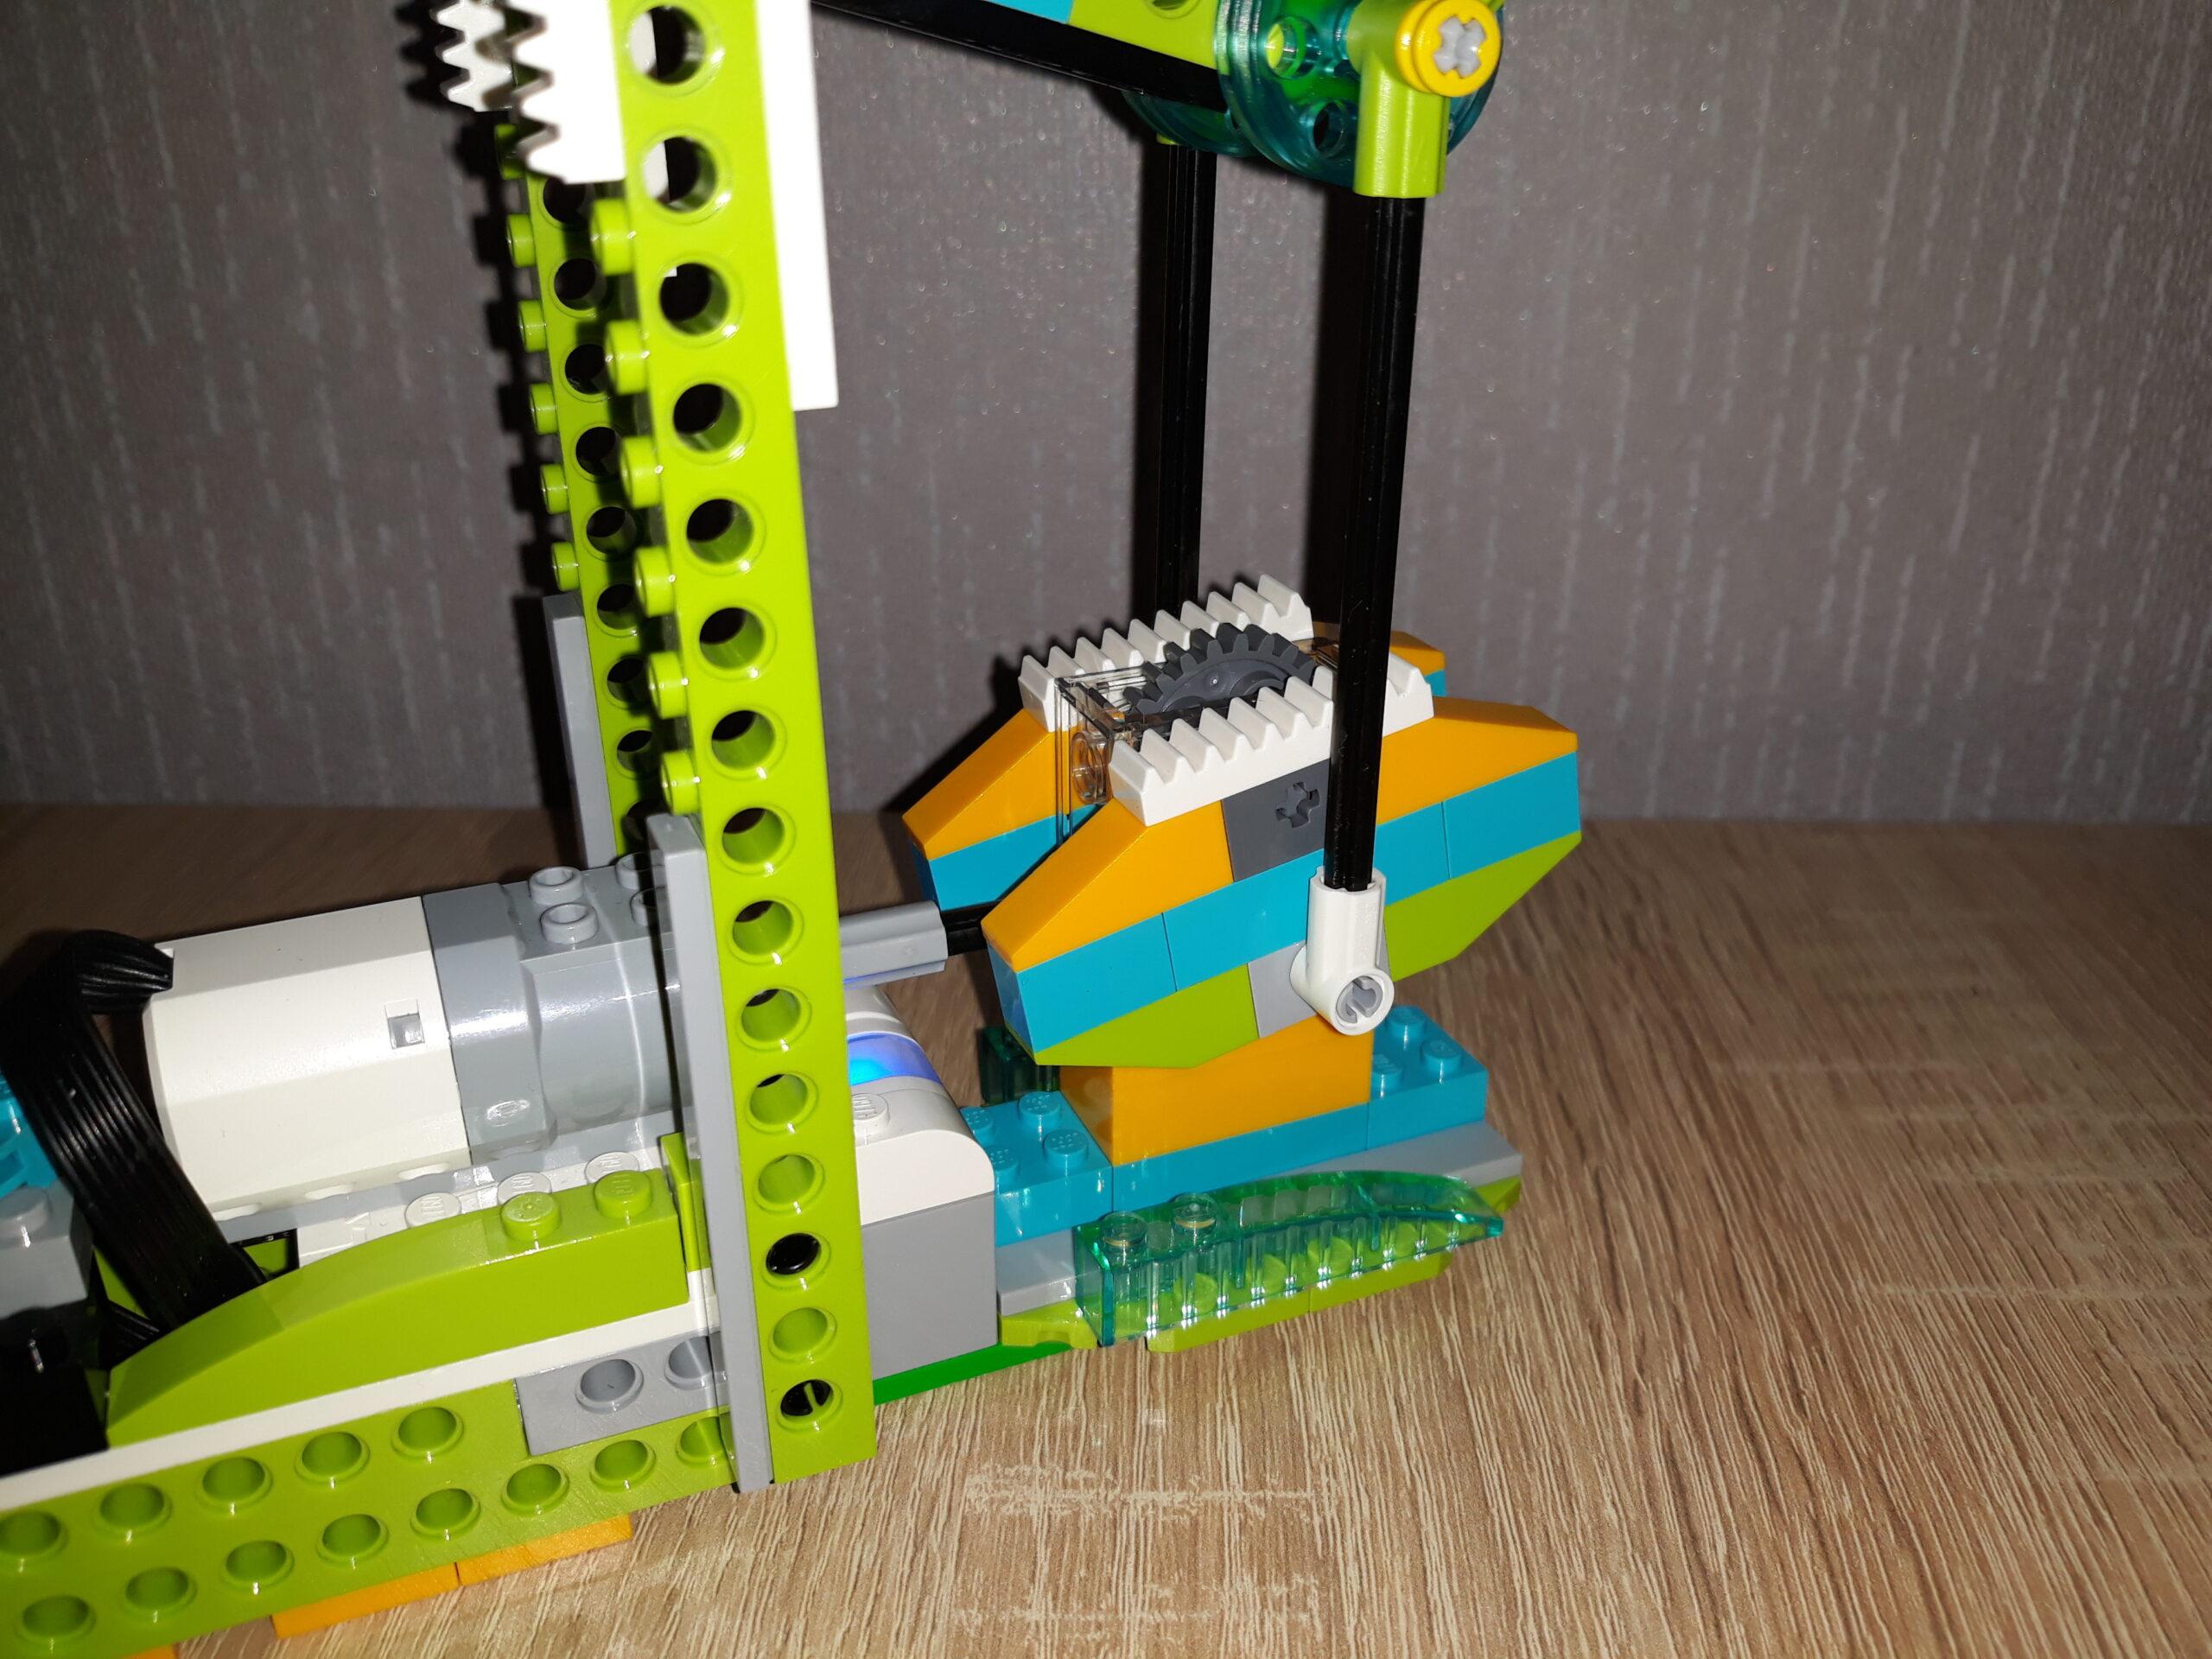 Инструкция по сборке из набора LEGO Education WeDo 2.0 Нефтяная вышка 2